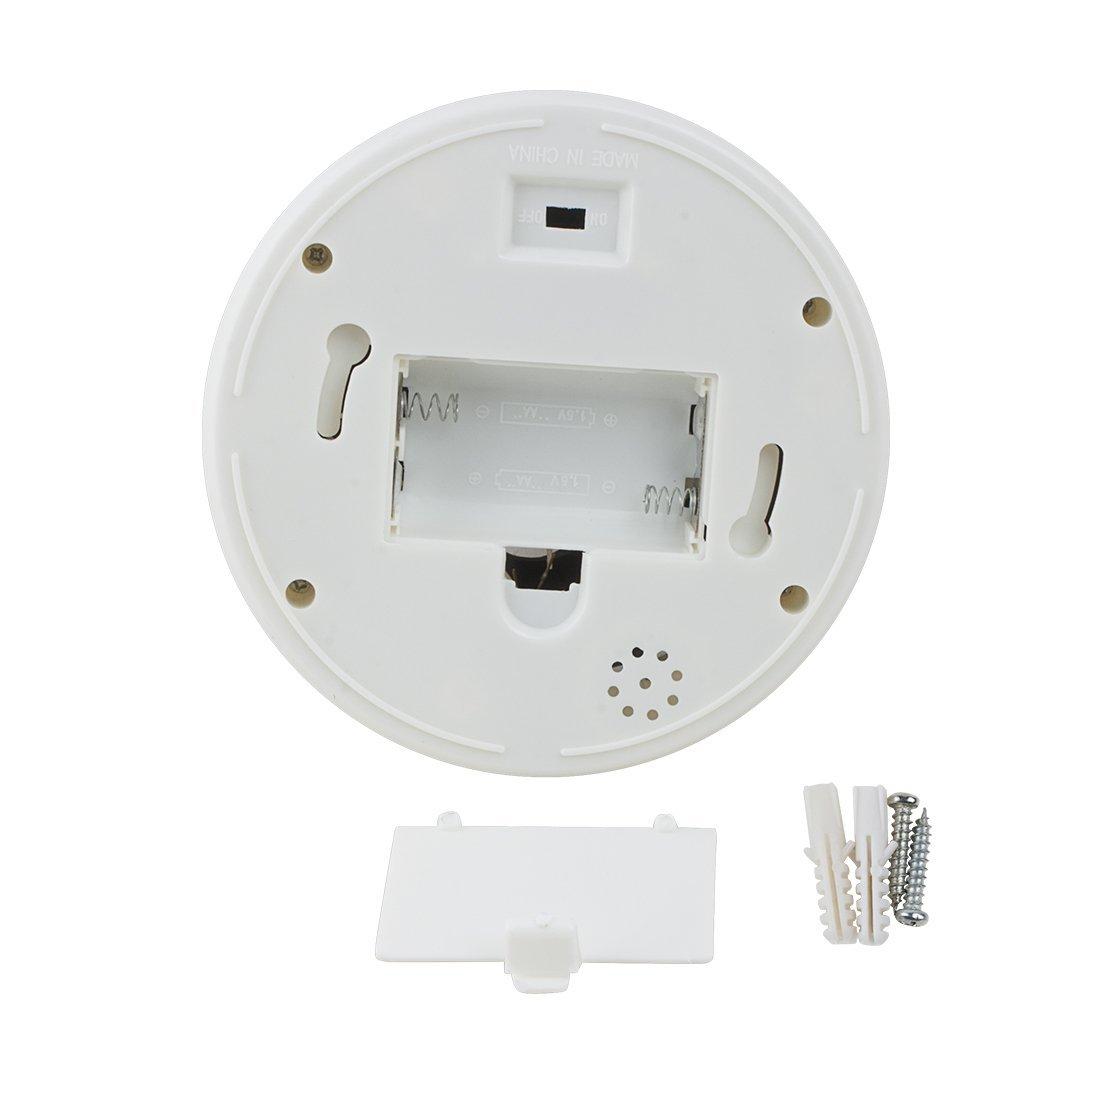 Amazon.com: eDealMax simulada falsa seguridad de la vigilancia CCTV al aire Libre de Interior Con luz roja LED AA Con pilas: Electronics